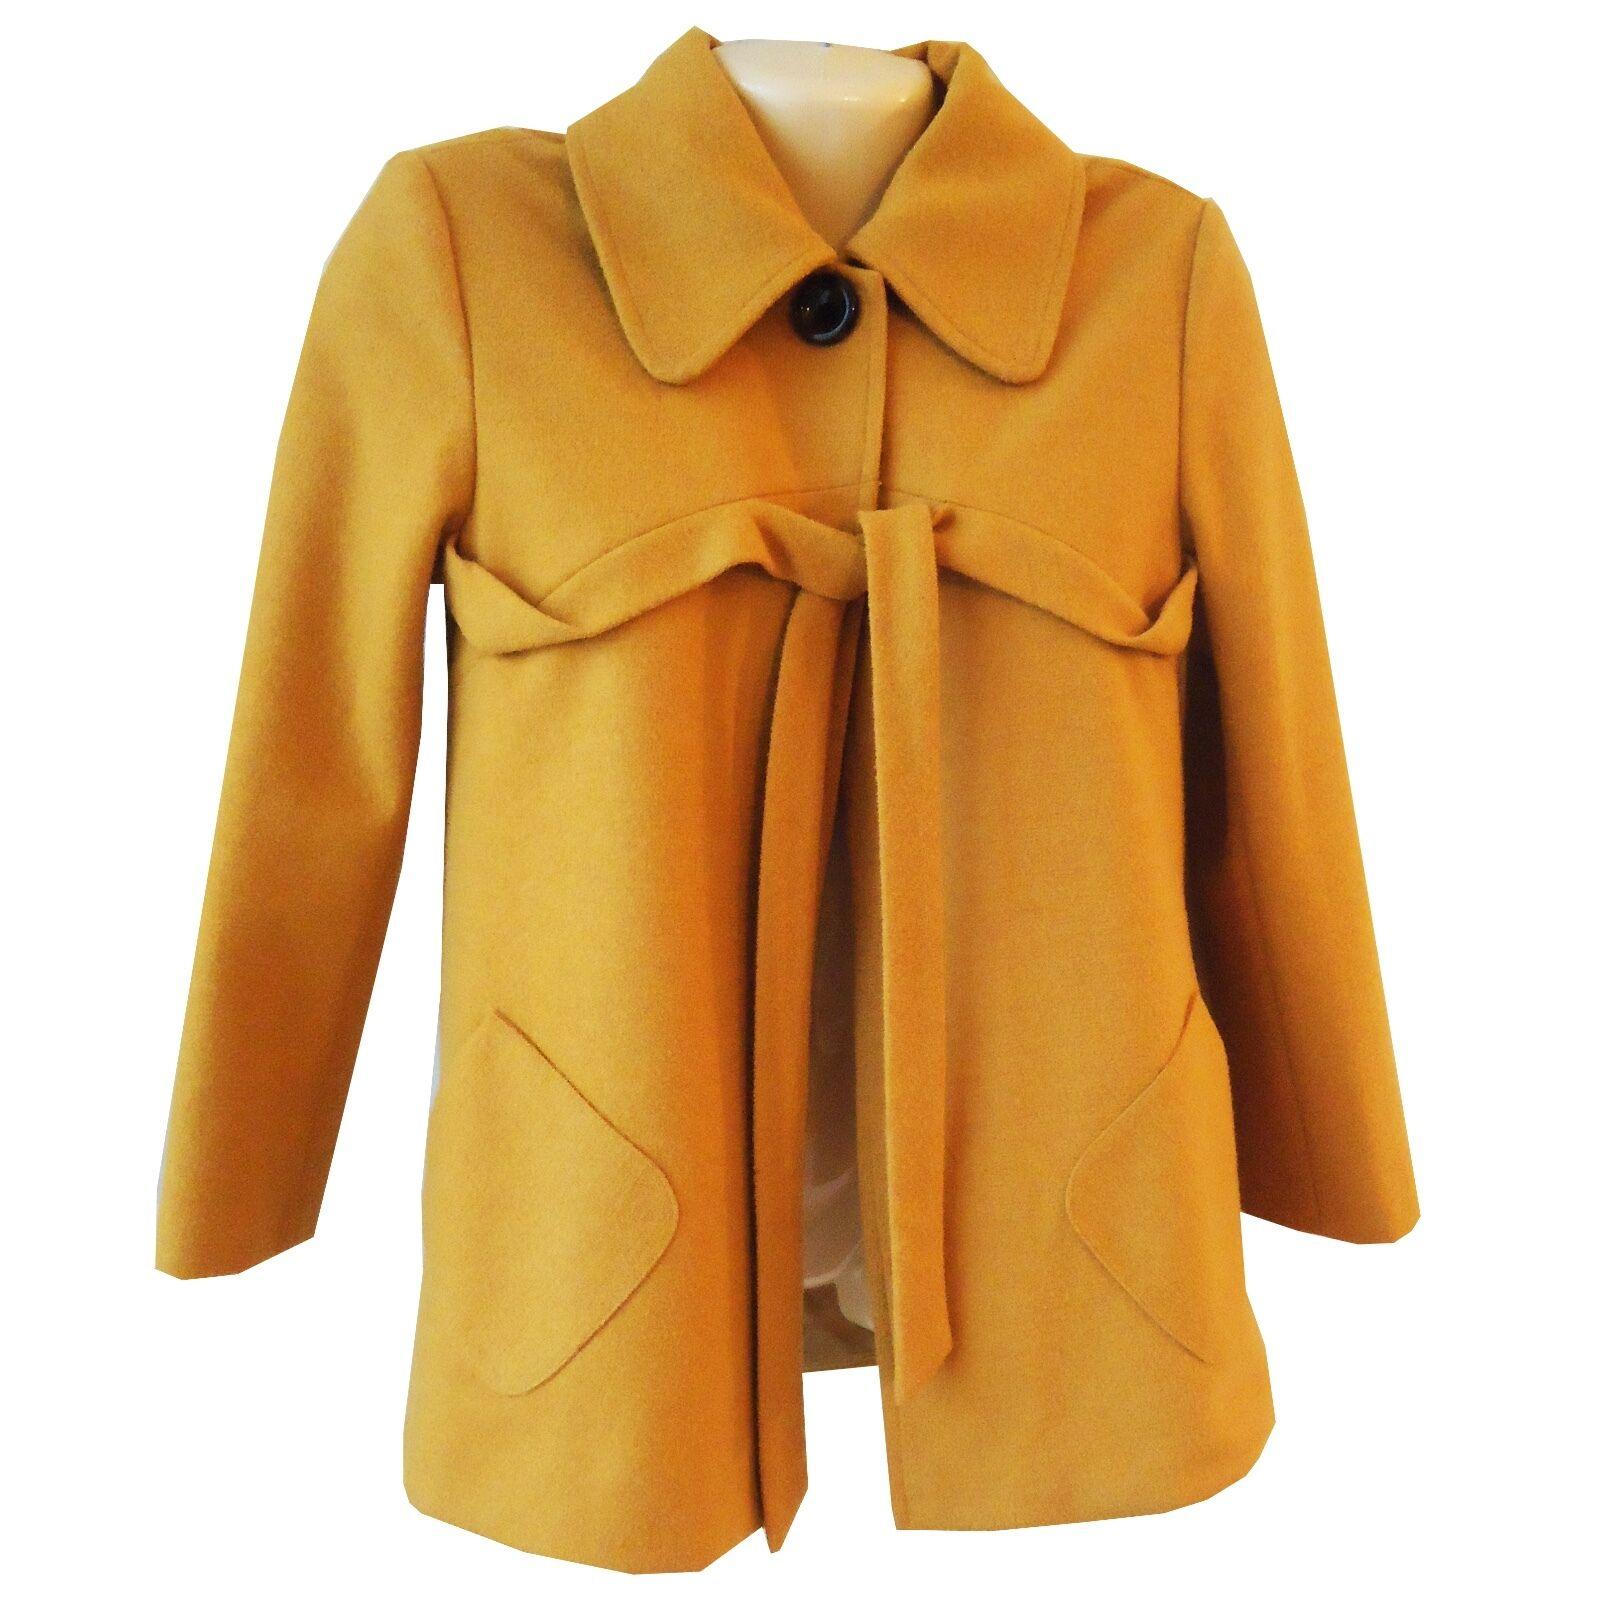 Chloe Mujer Chaqueta de abrigo forrado lana talla EU 34  nos 4 Mostaza Amarillo oro Corbata  mejor oferta